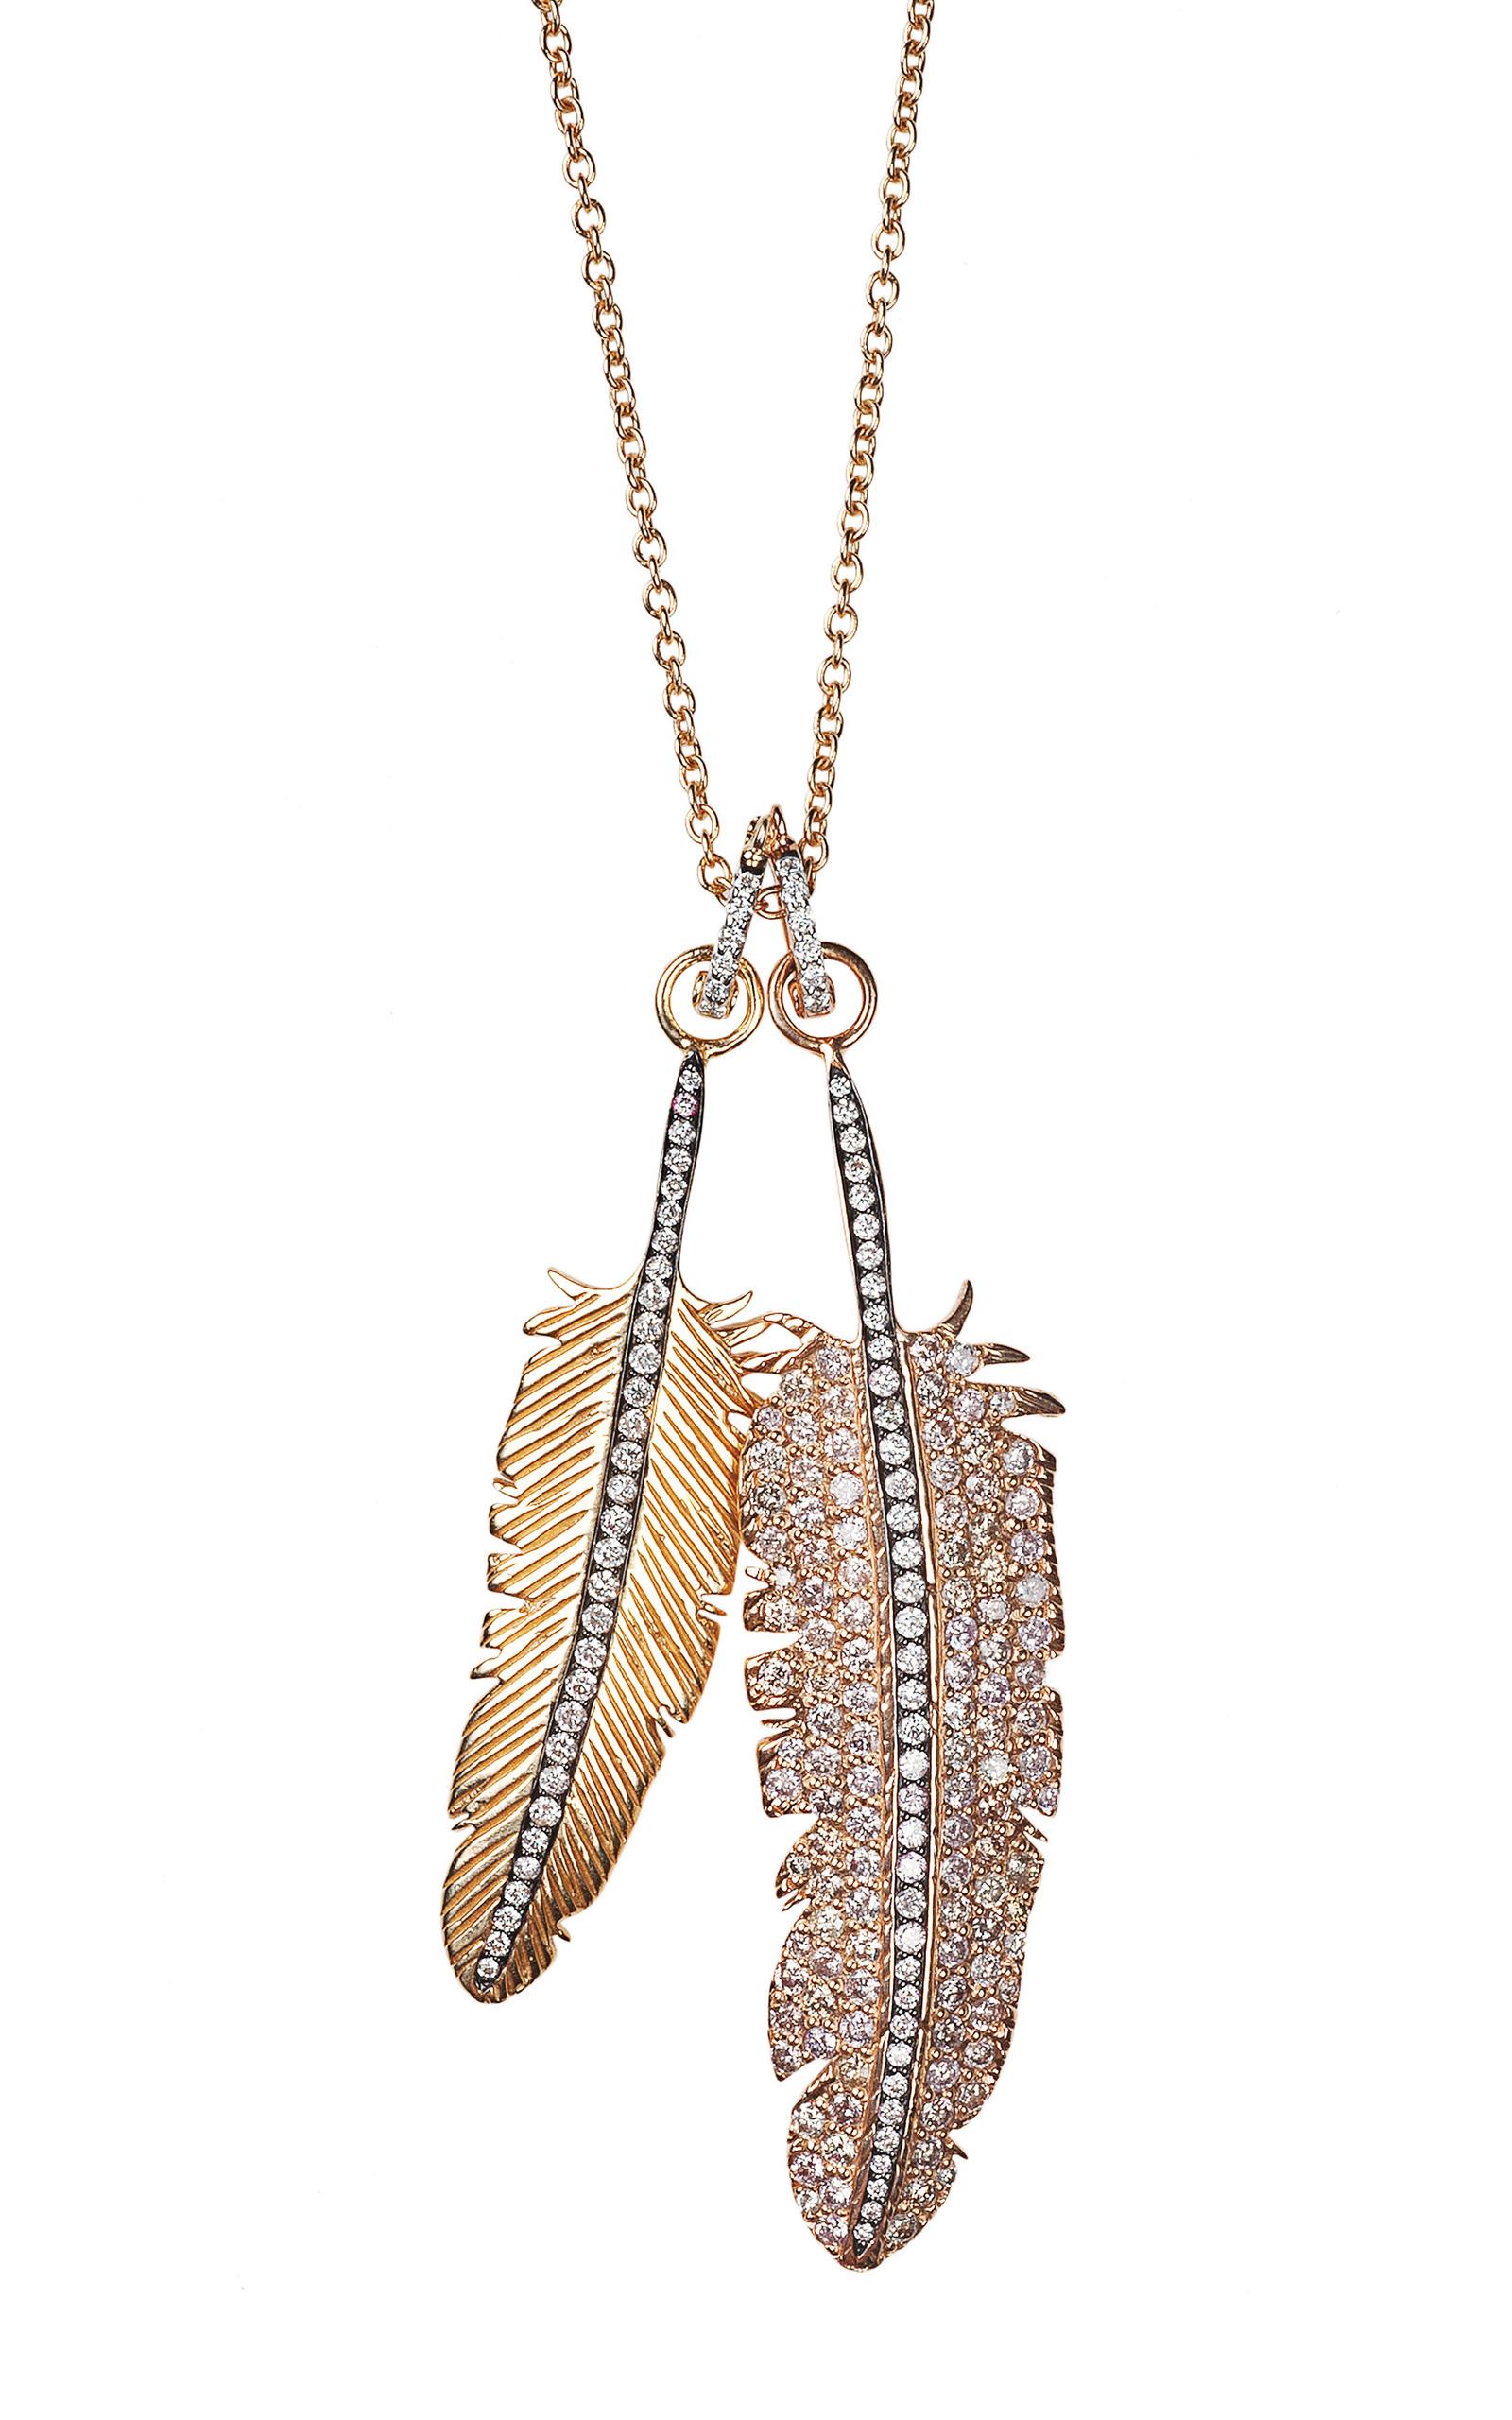 Double Gold And Diamond Feather Necklace by Niko Koulis Moda Operandi